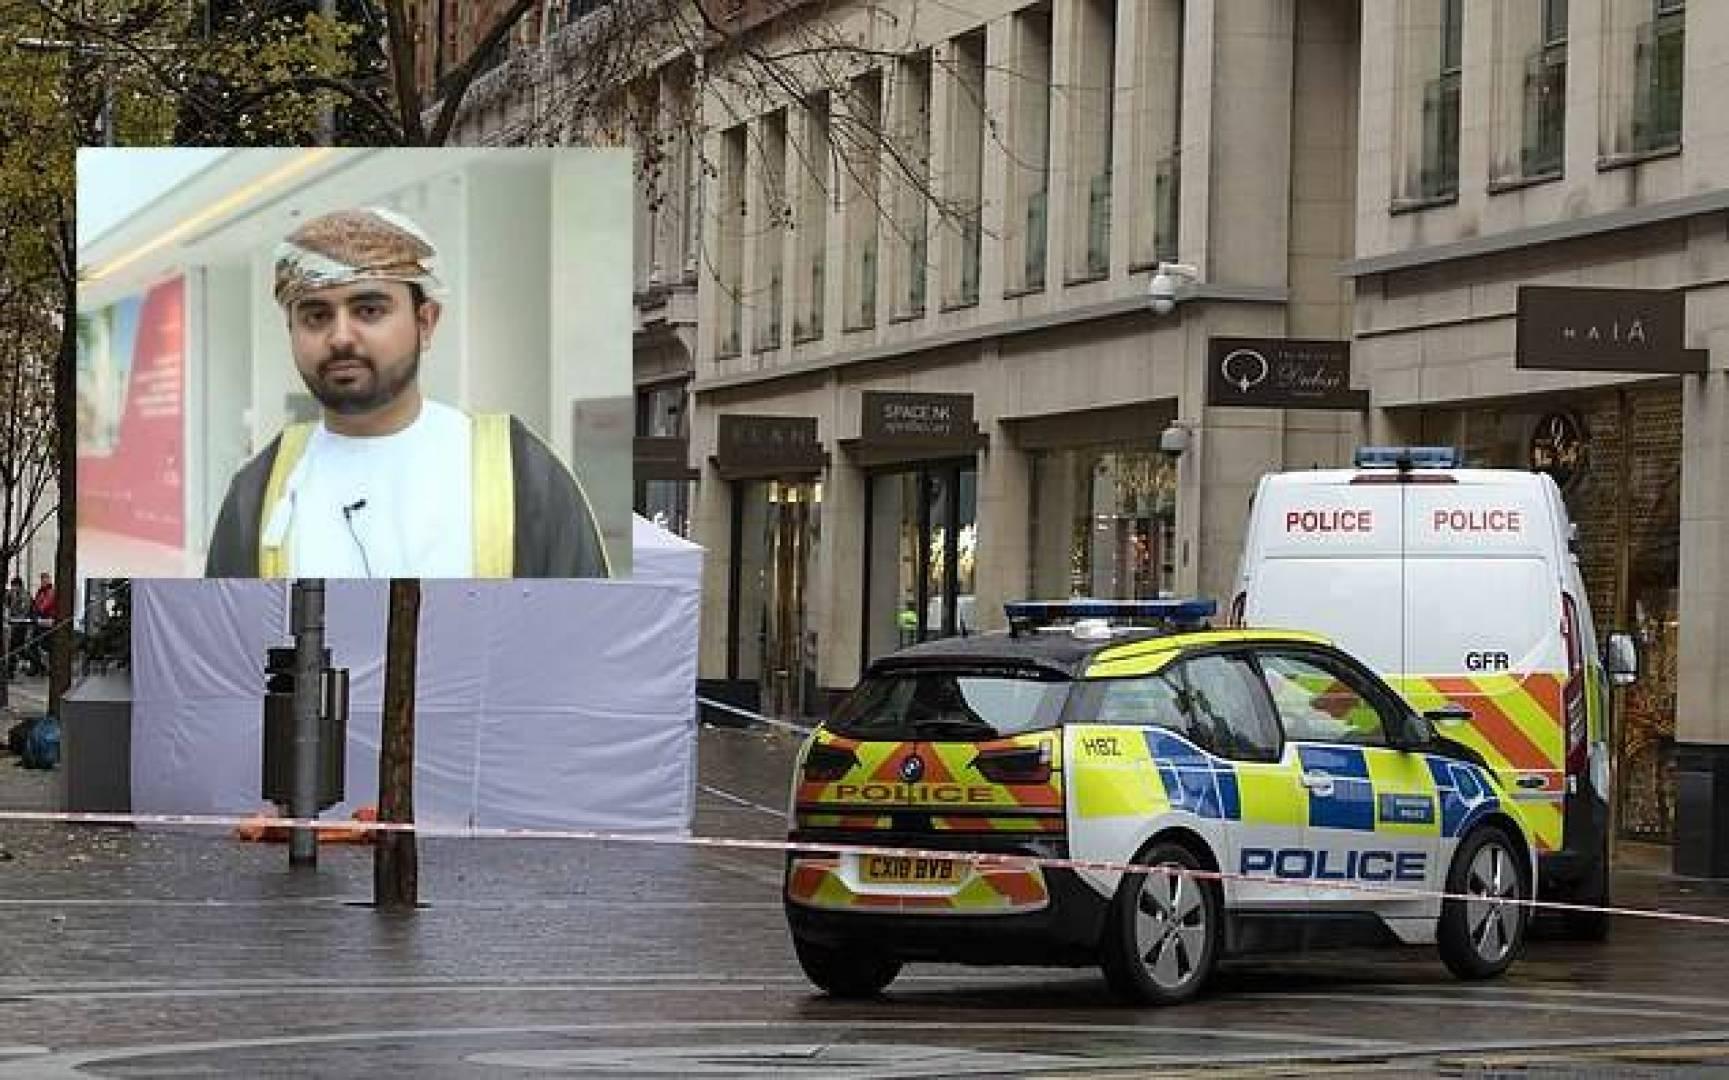 مقتل طالب عماني في لندن.. بسبب ساعته!